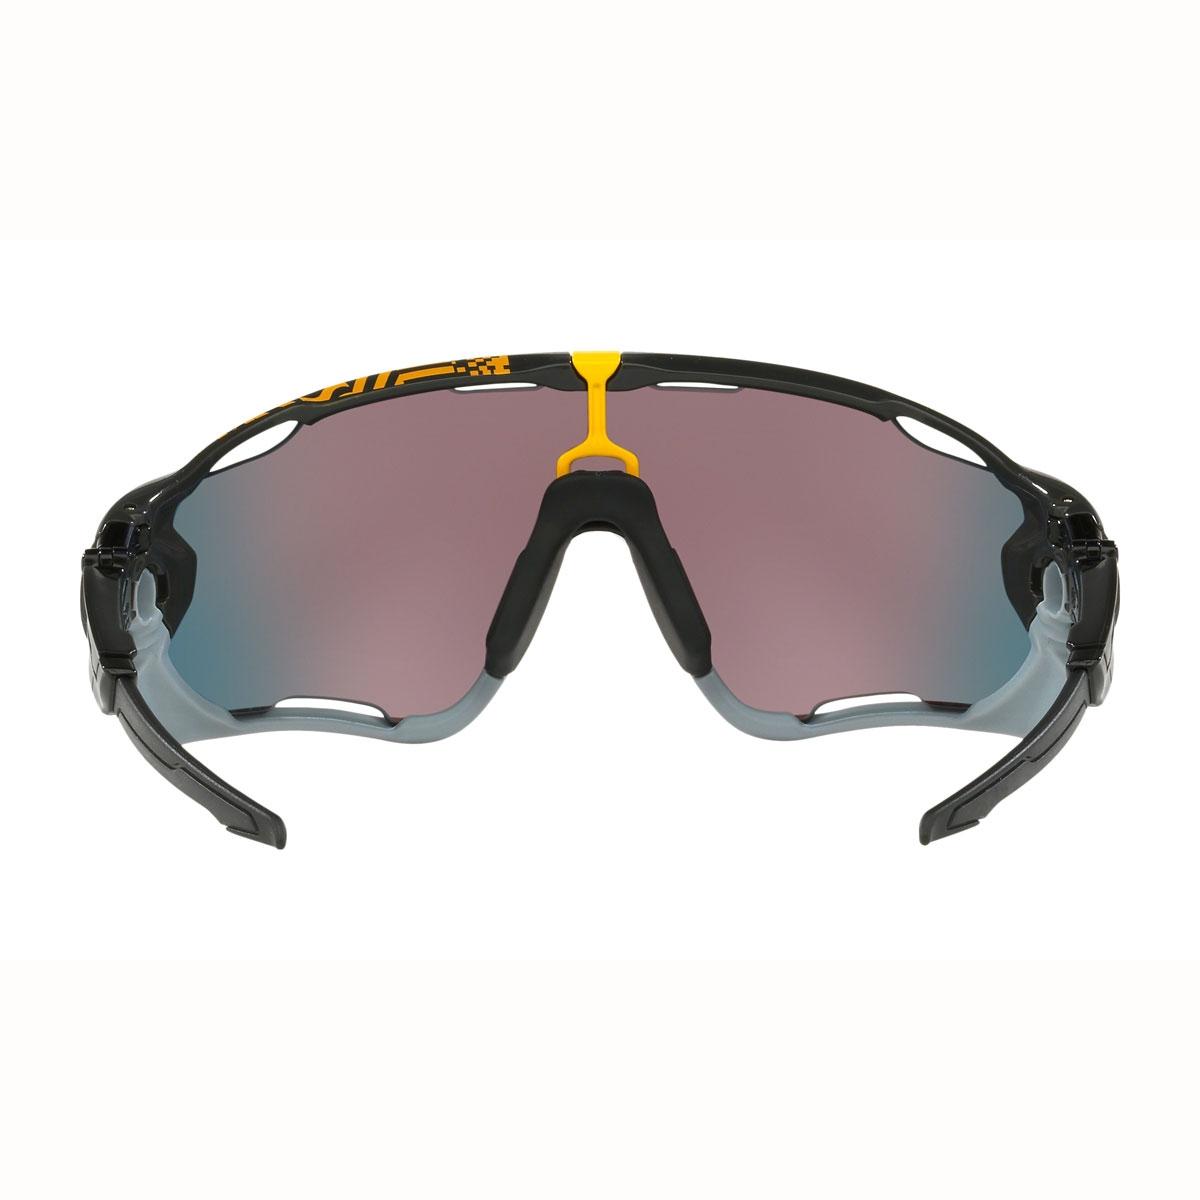 ... Image of Oakley Jawbreaker Tour De France 2018 Sunglasses - Carbon  Frame Prizm Road Lens ... 55b152ff2ff9